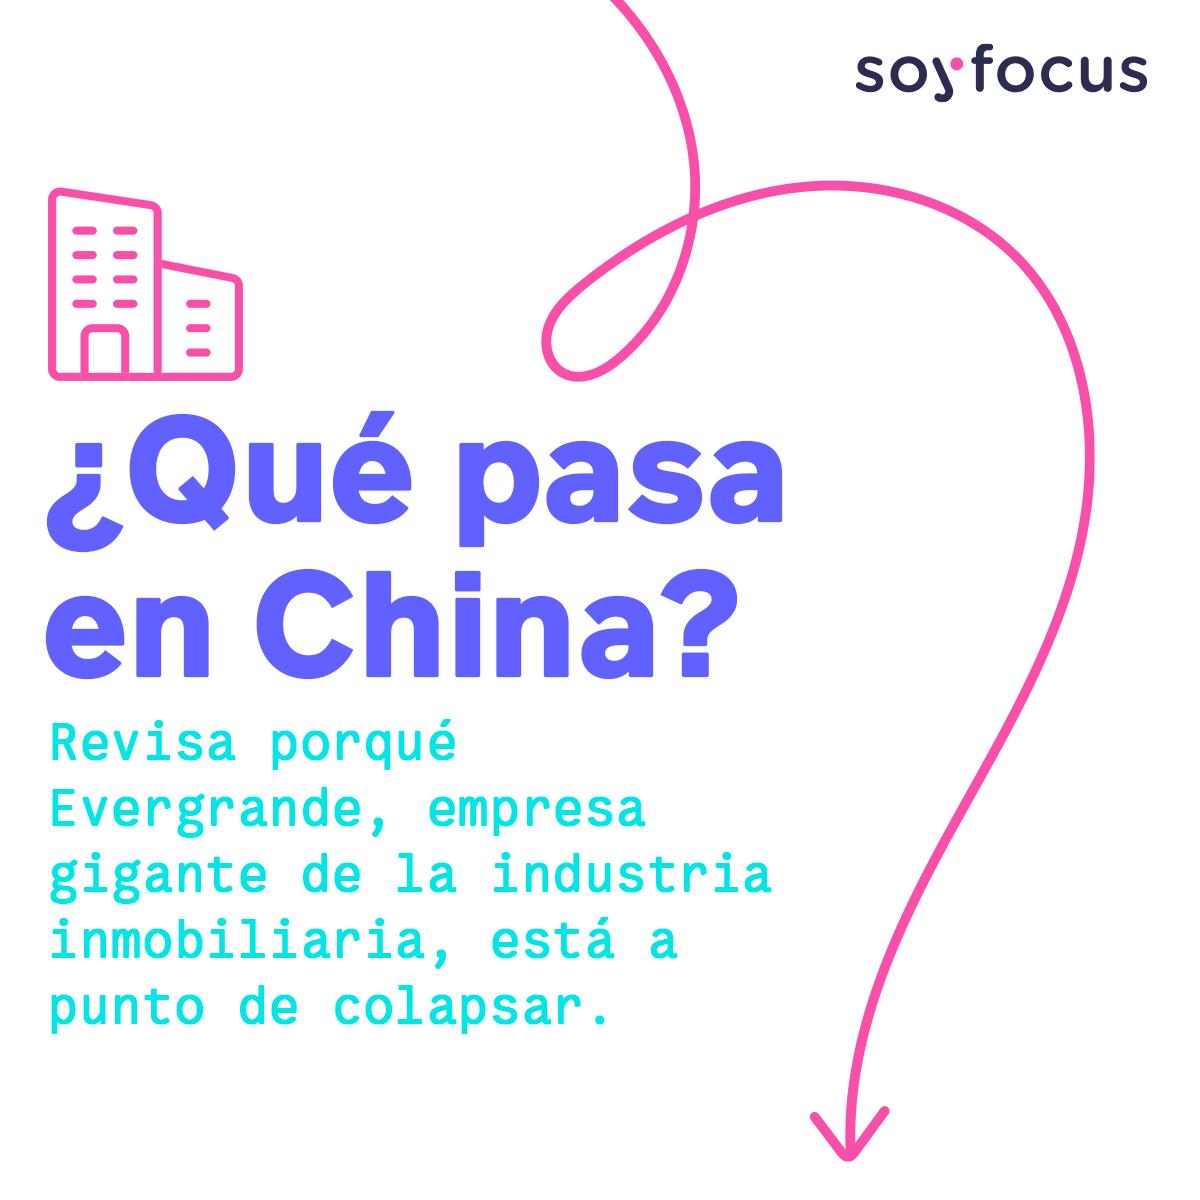 soyfocus.com